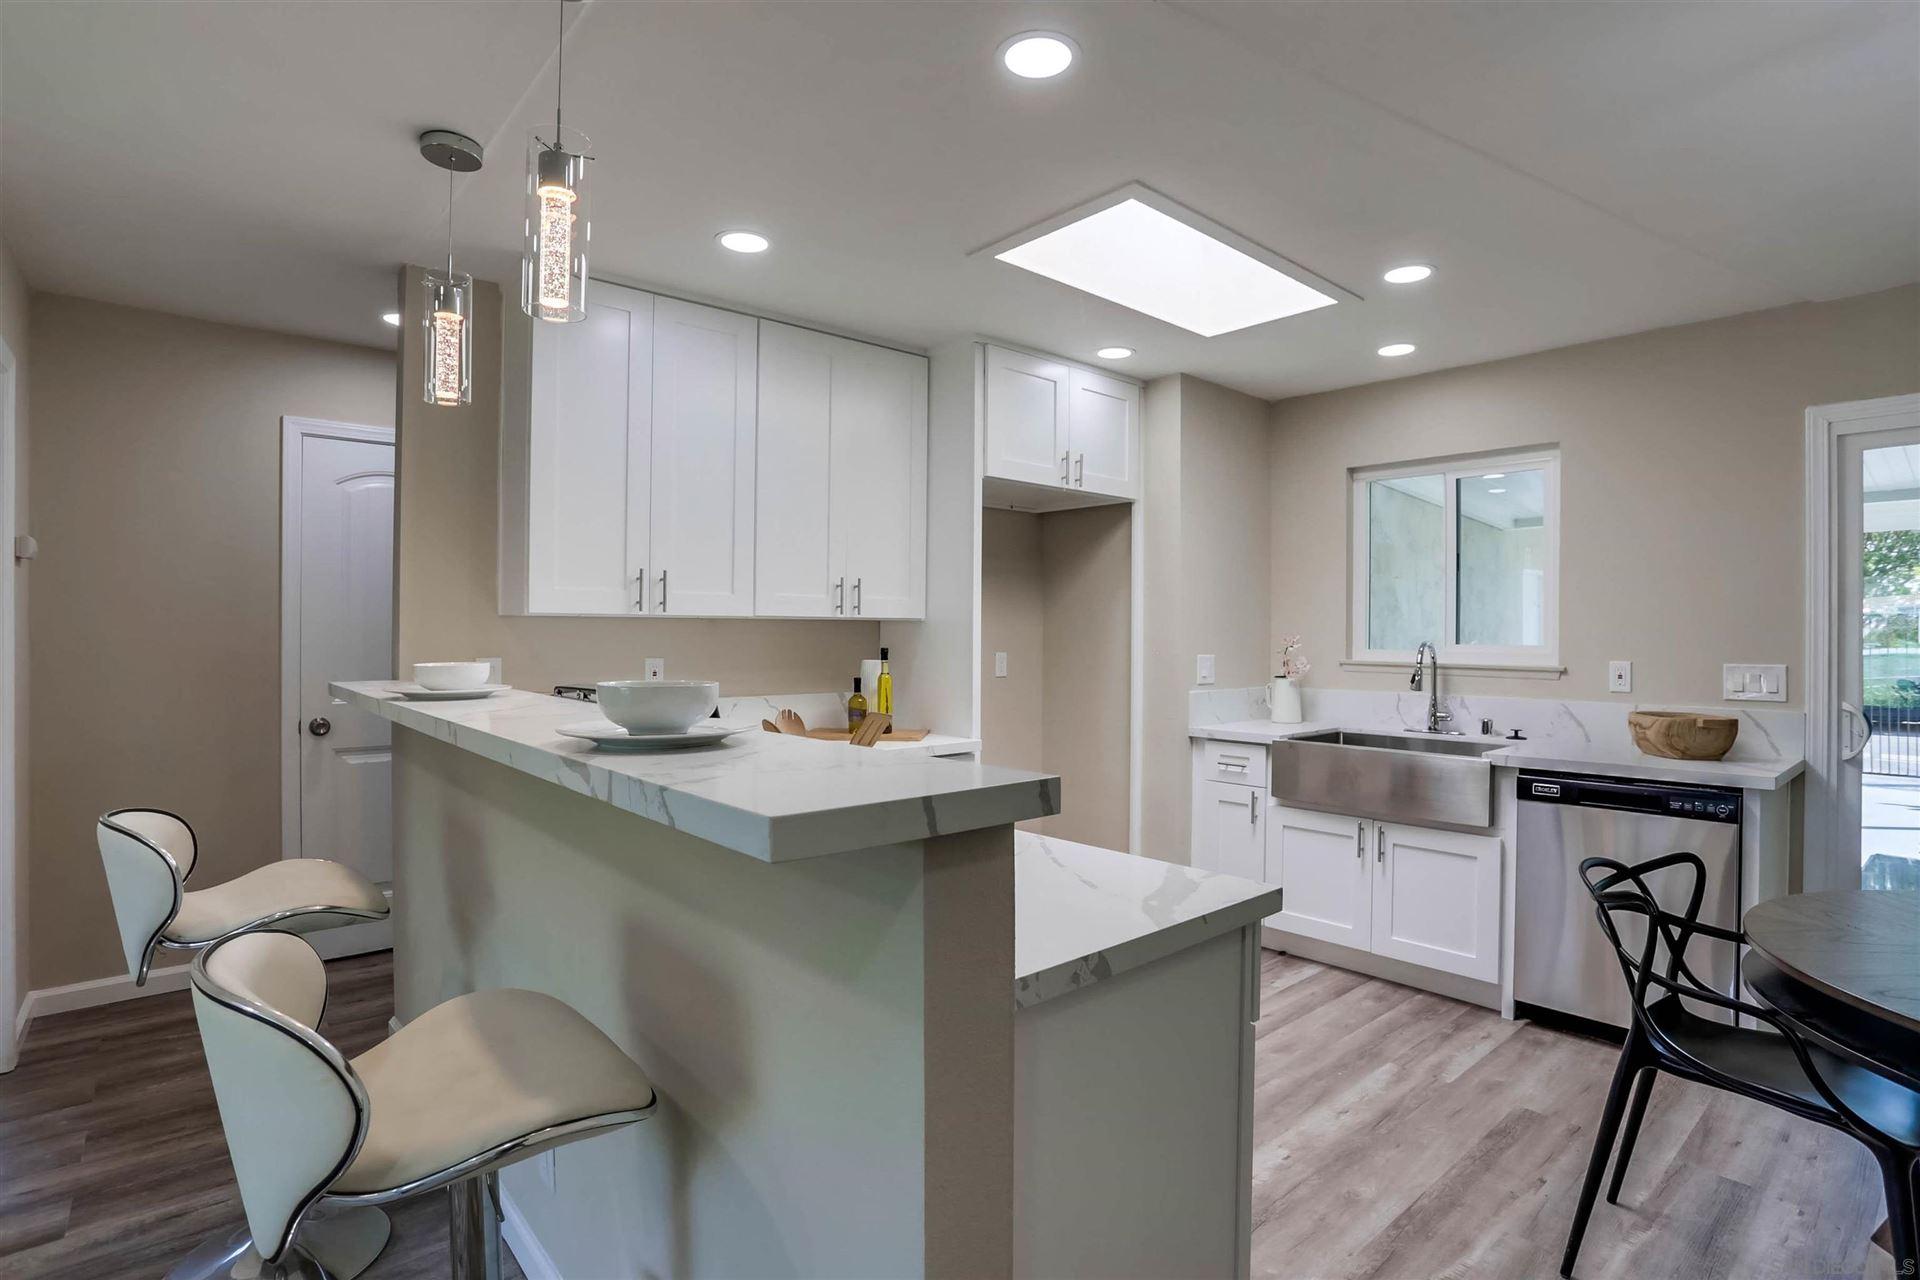 Photo of 3564 Bartlett Ave, Oceanside, CA 92057 (MLS # 210025854)